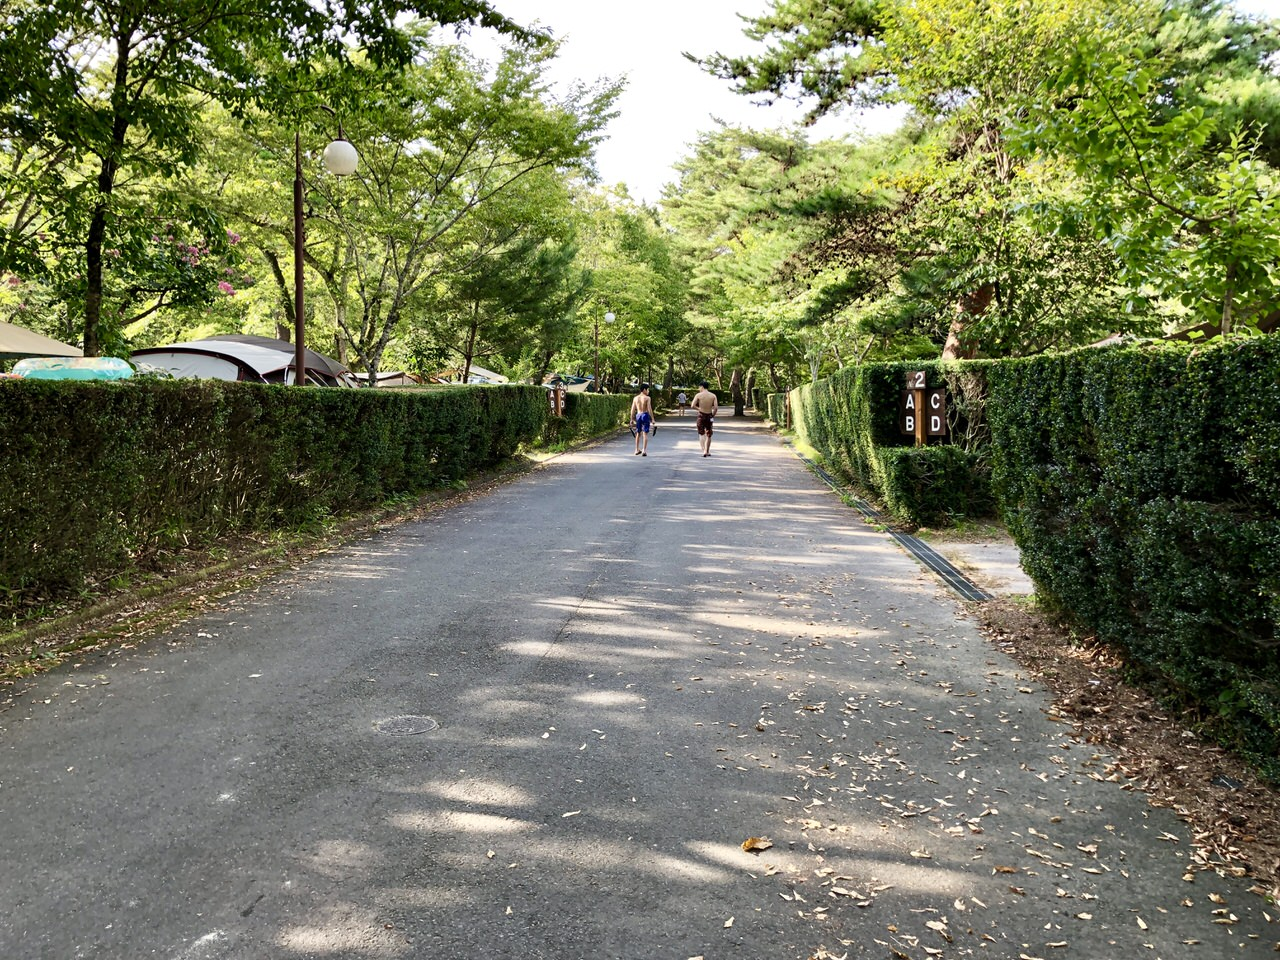 福岡ローマン渓谷オートキャンプ場の道路